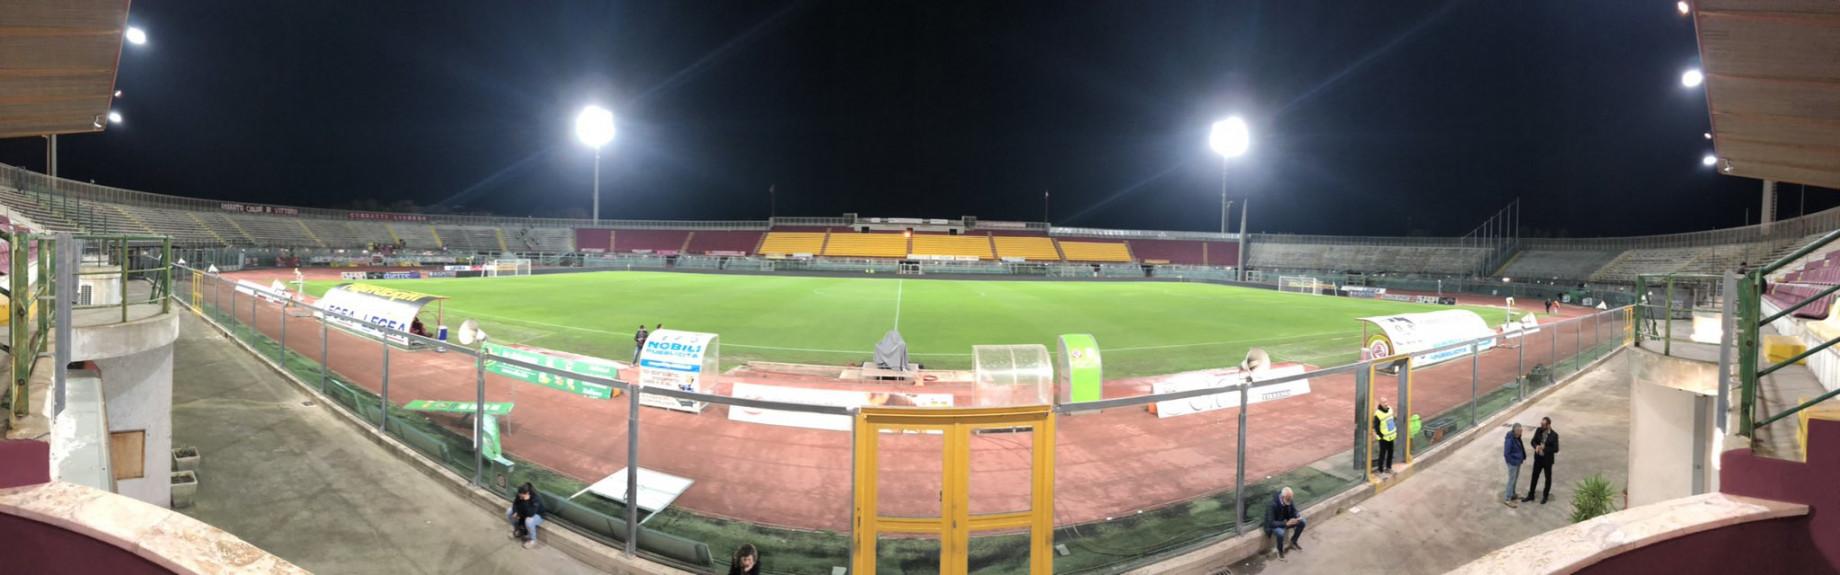 livorno_calcio_picchi.jpg